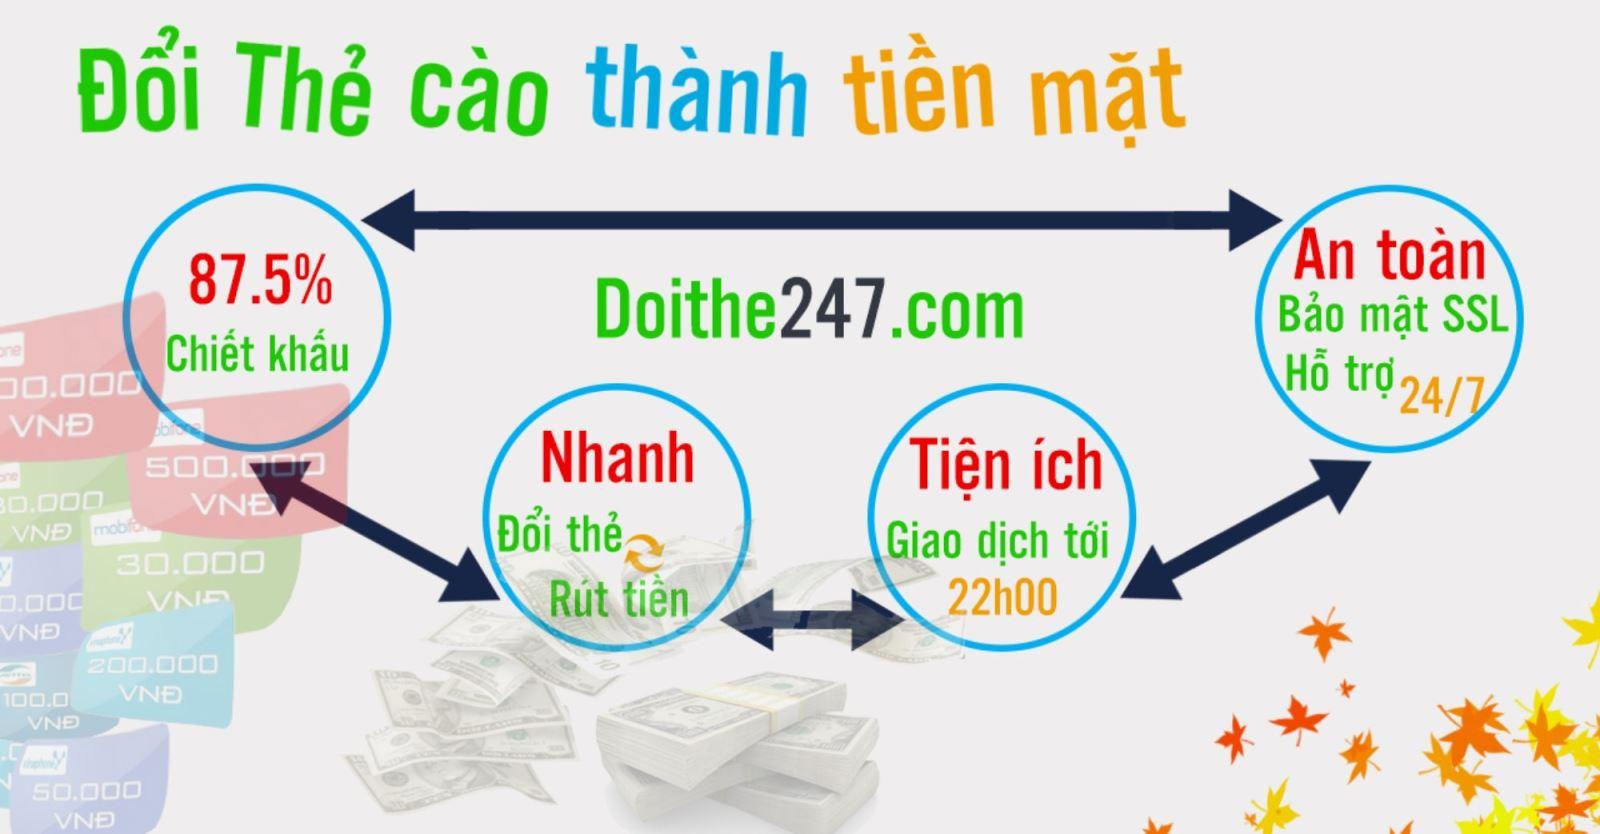 Giới thiệu địa chỉ đổi card ra tiền mặt uy tín tại Hà Nội